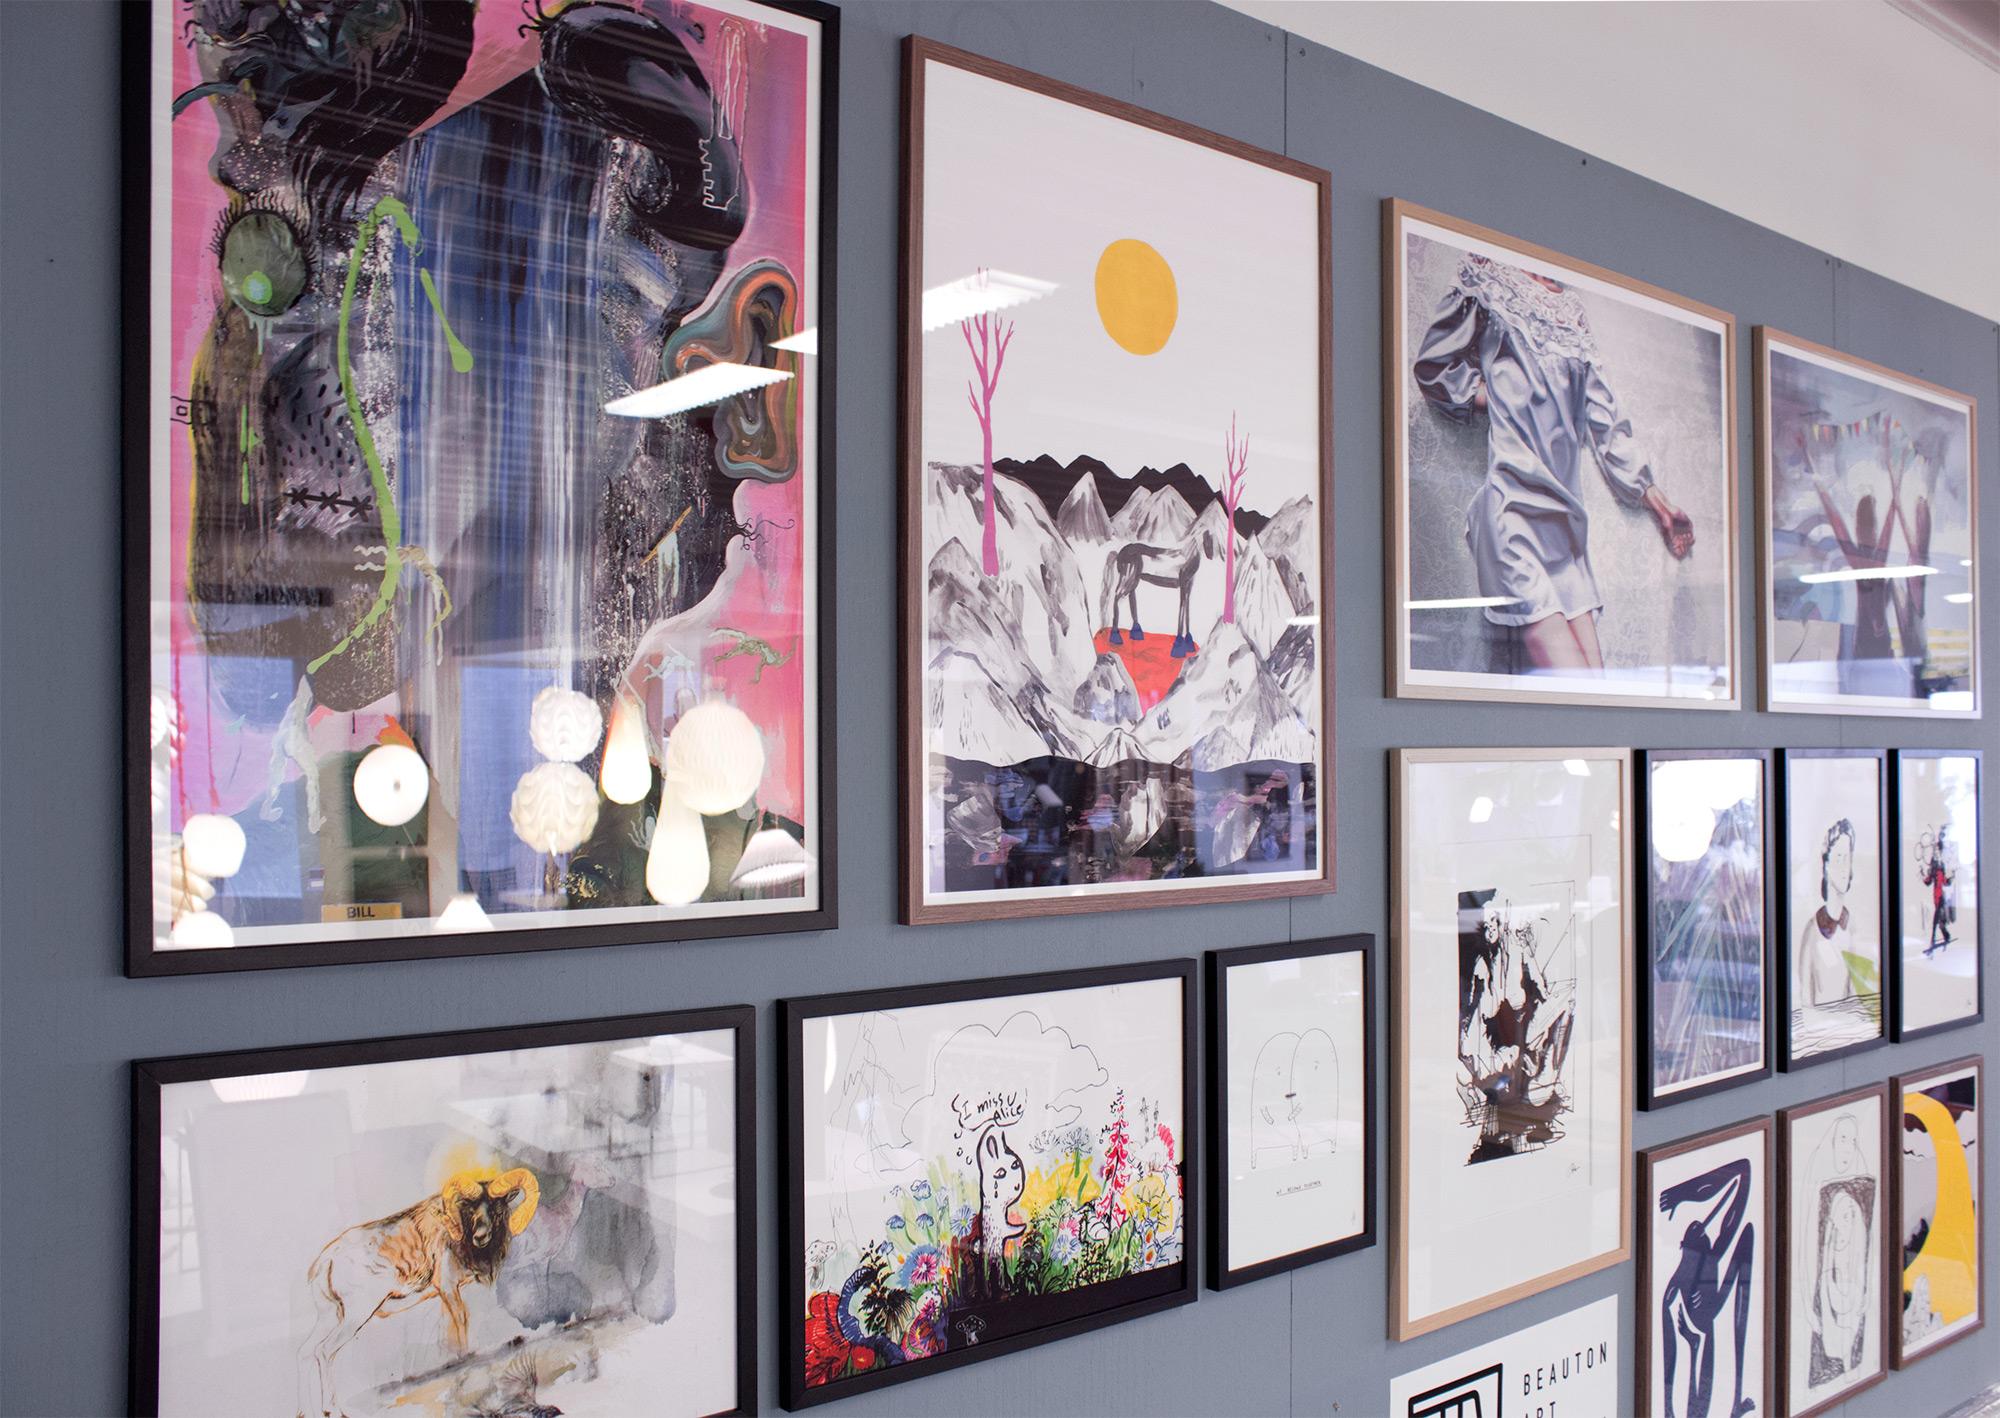 plakater-posters-kunsttryk, giclee-tryk, abstrakte, farverige, ekspressionistiske, botanik, stemninger, bevægelse, blå, grønne, pink, blæk, papir, abstrakte-former, samtidskunst, københavn, dansk, dekorative, design, ekspressionisme, ansigter, interiør, bolig-indretning, moderne, moderne-kunst, nordisk, skandinavisk, levende, Køb original kunst og kunstplakater. Malerier, tegninger, limited edition kunsttryk & plakater af dygtige kunstnere.